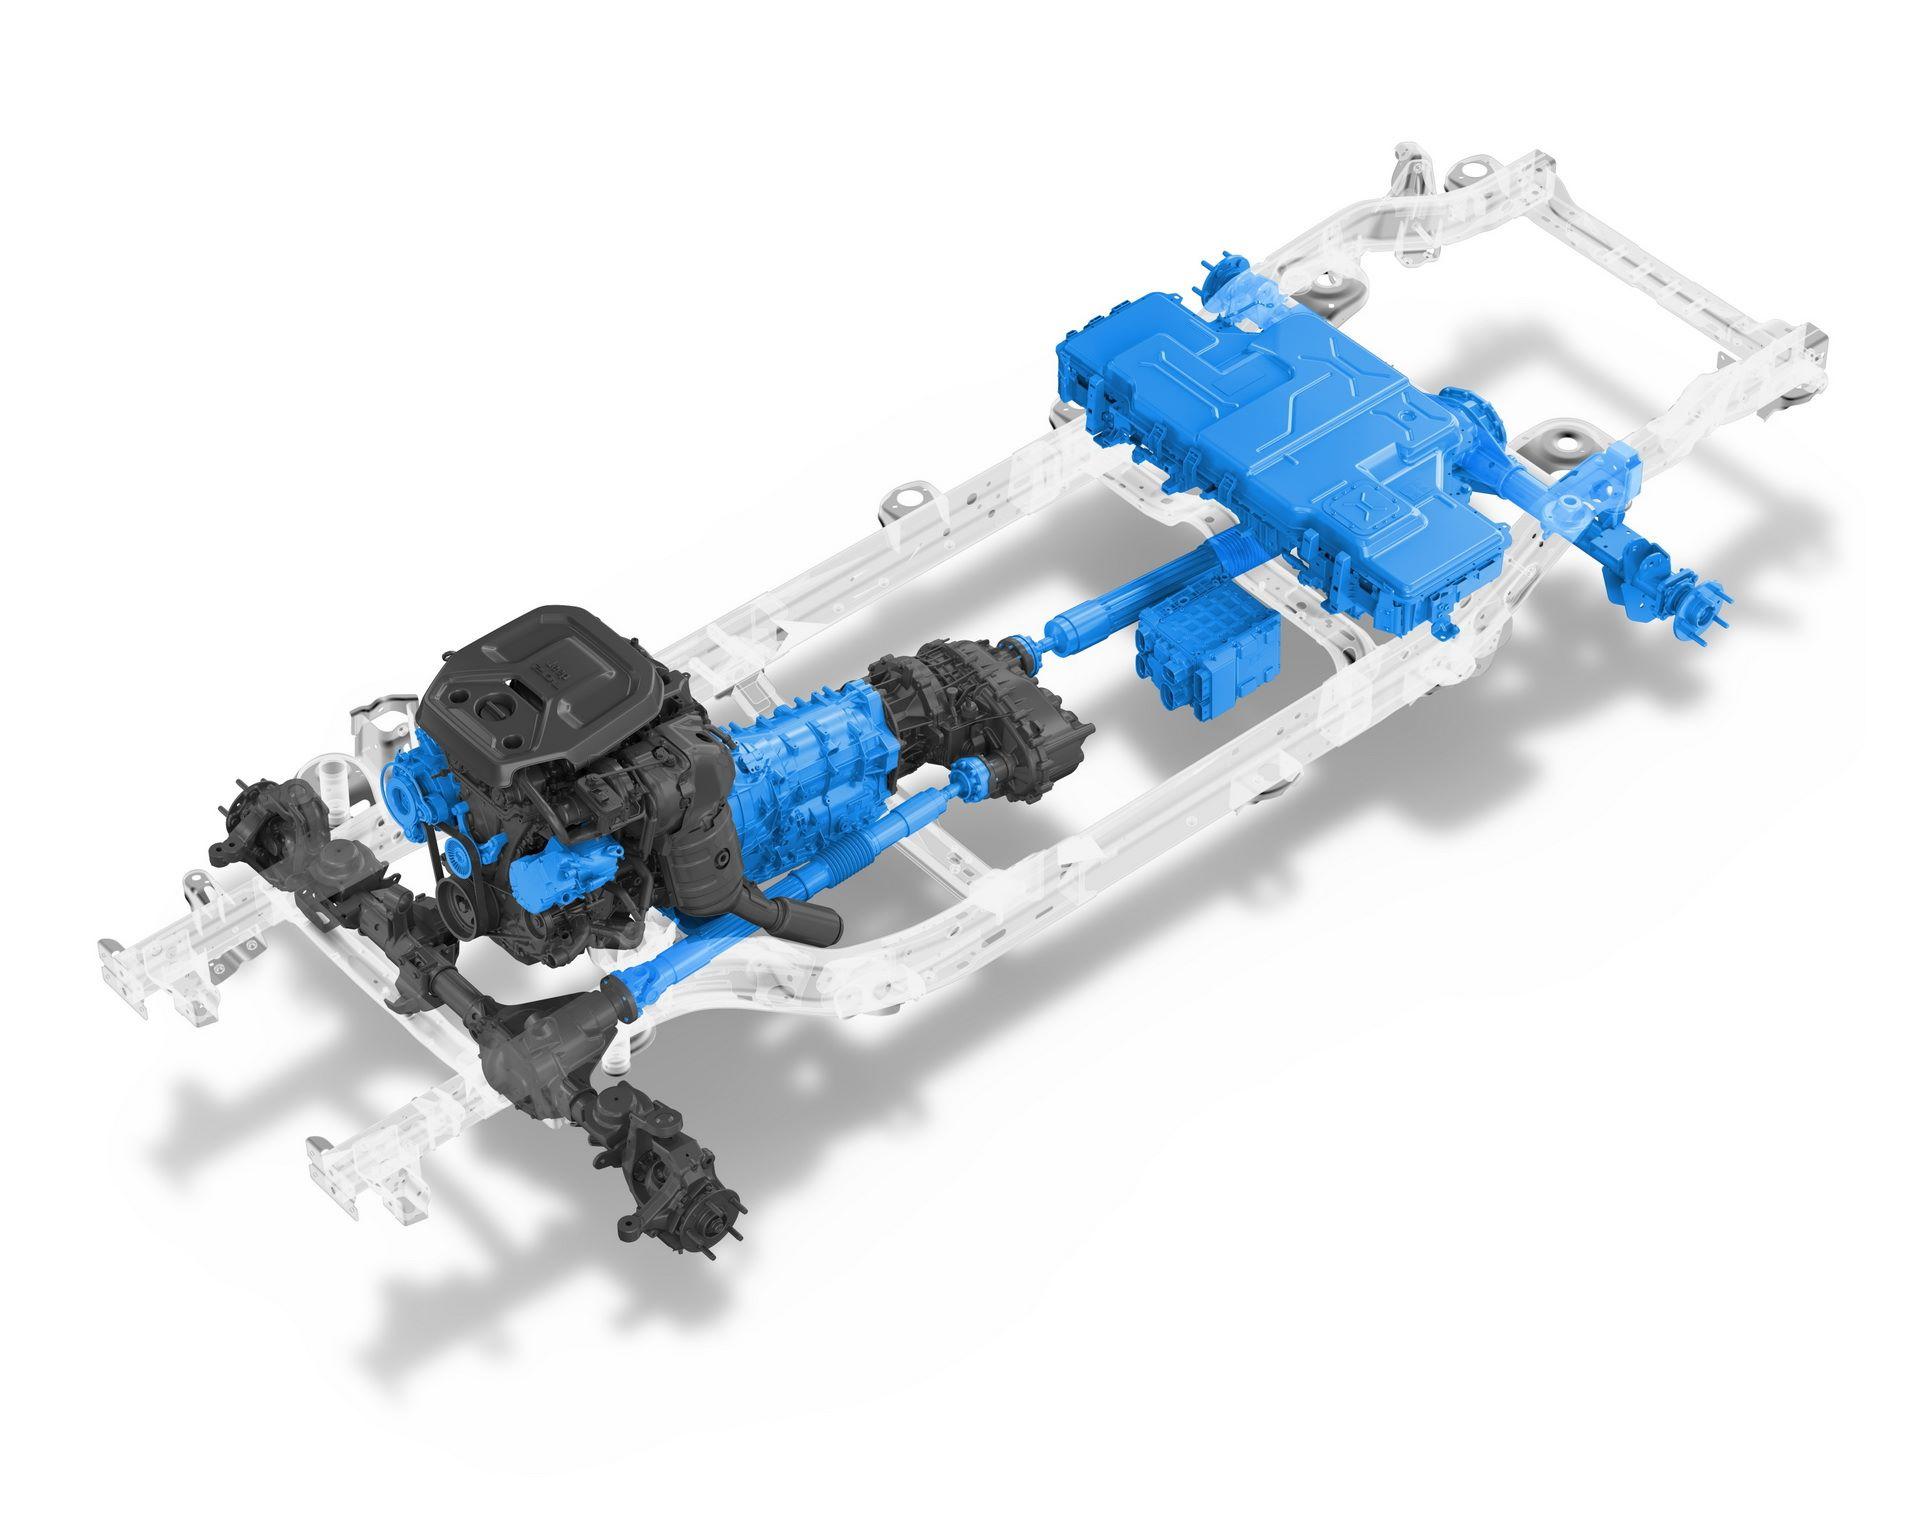 Jeep-Wrangler-4xe-54